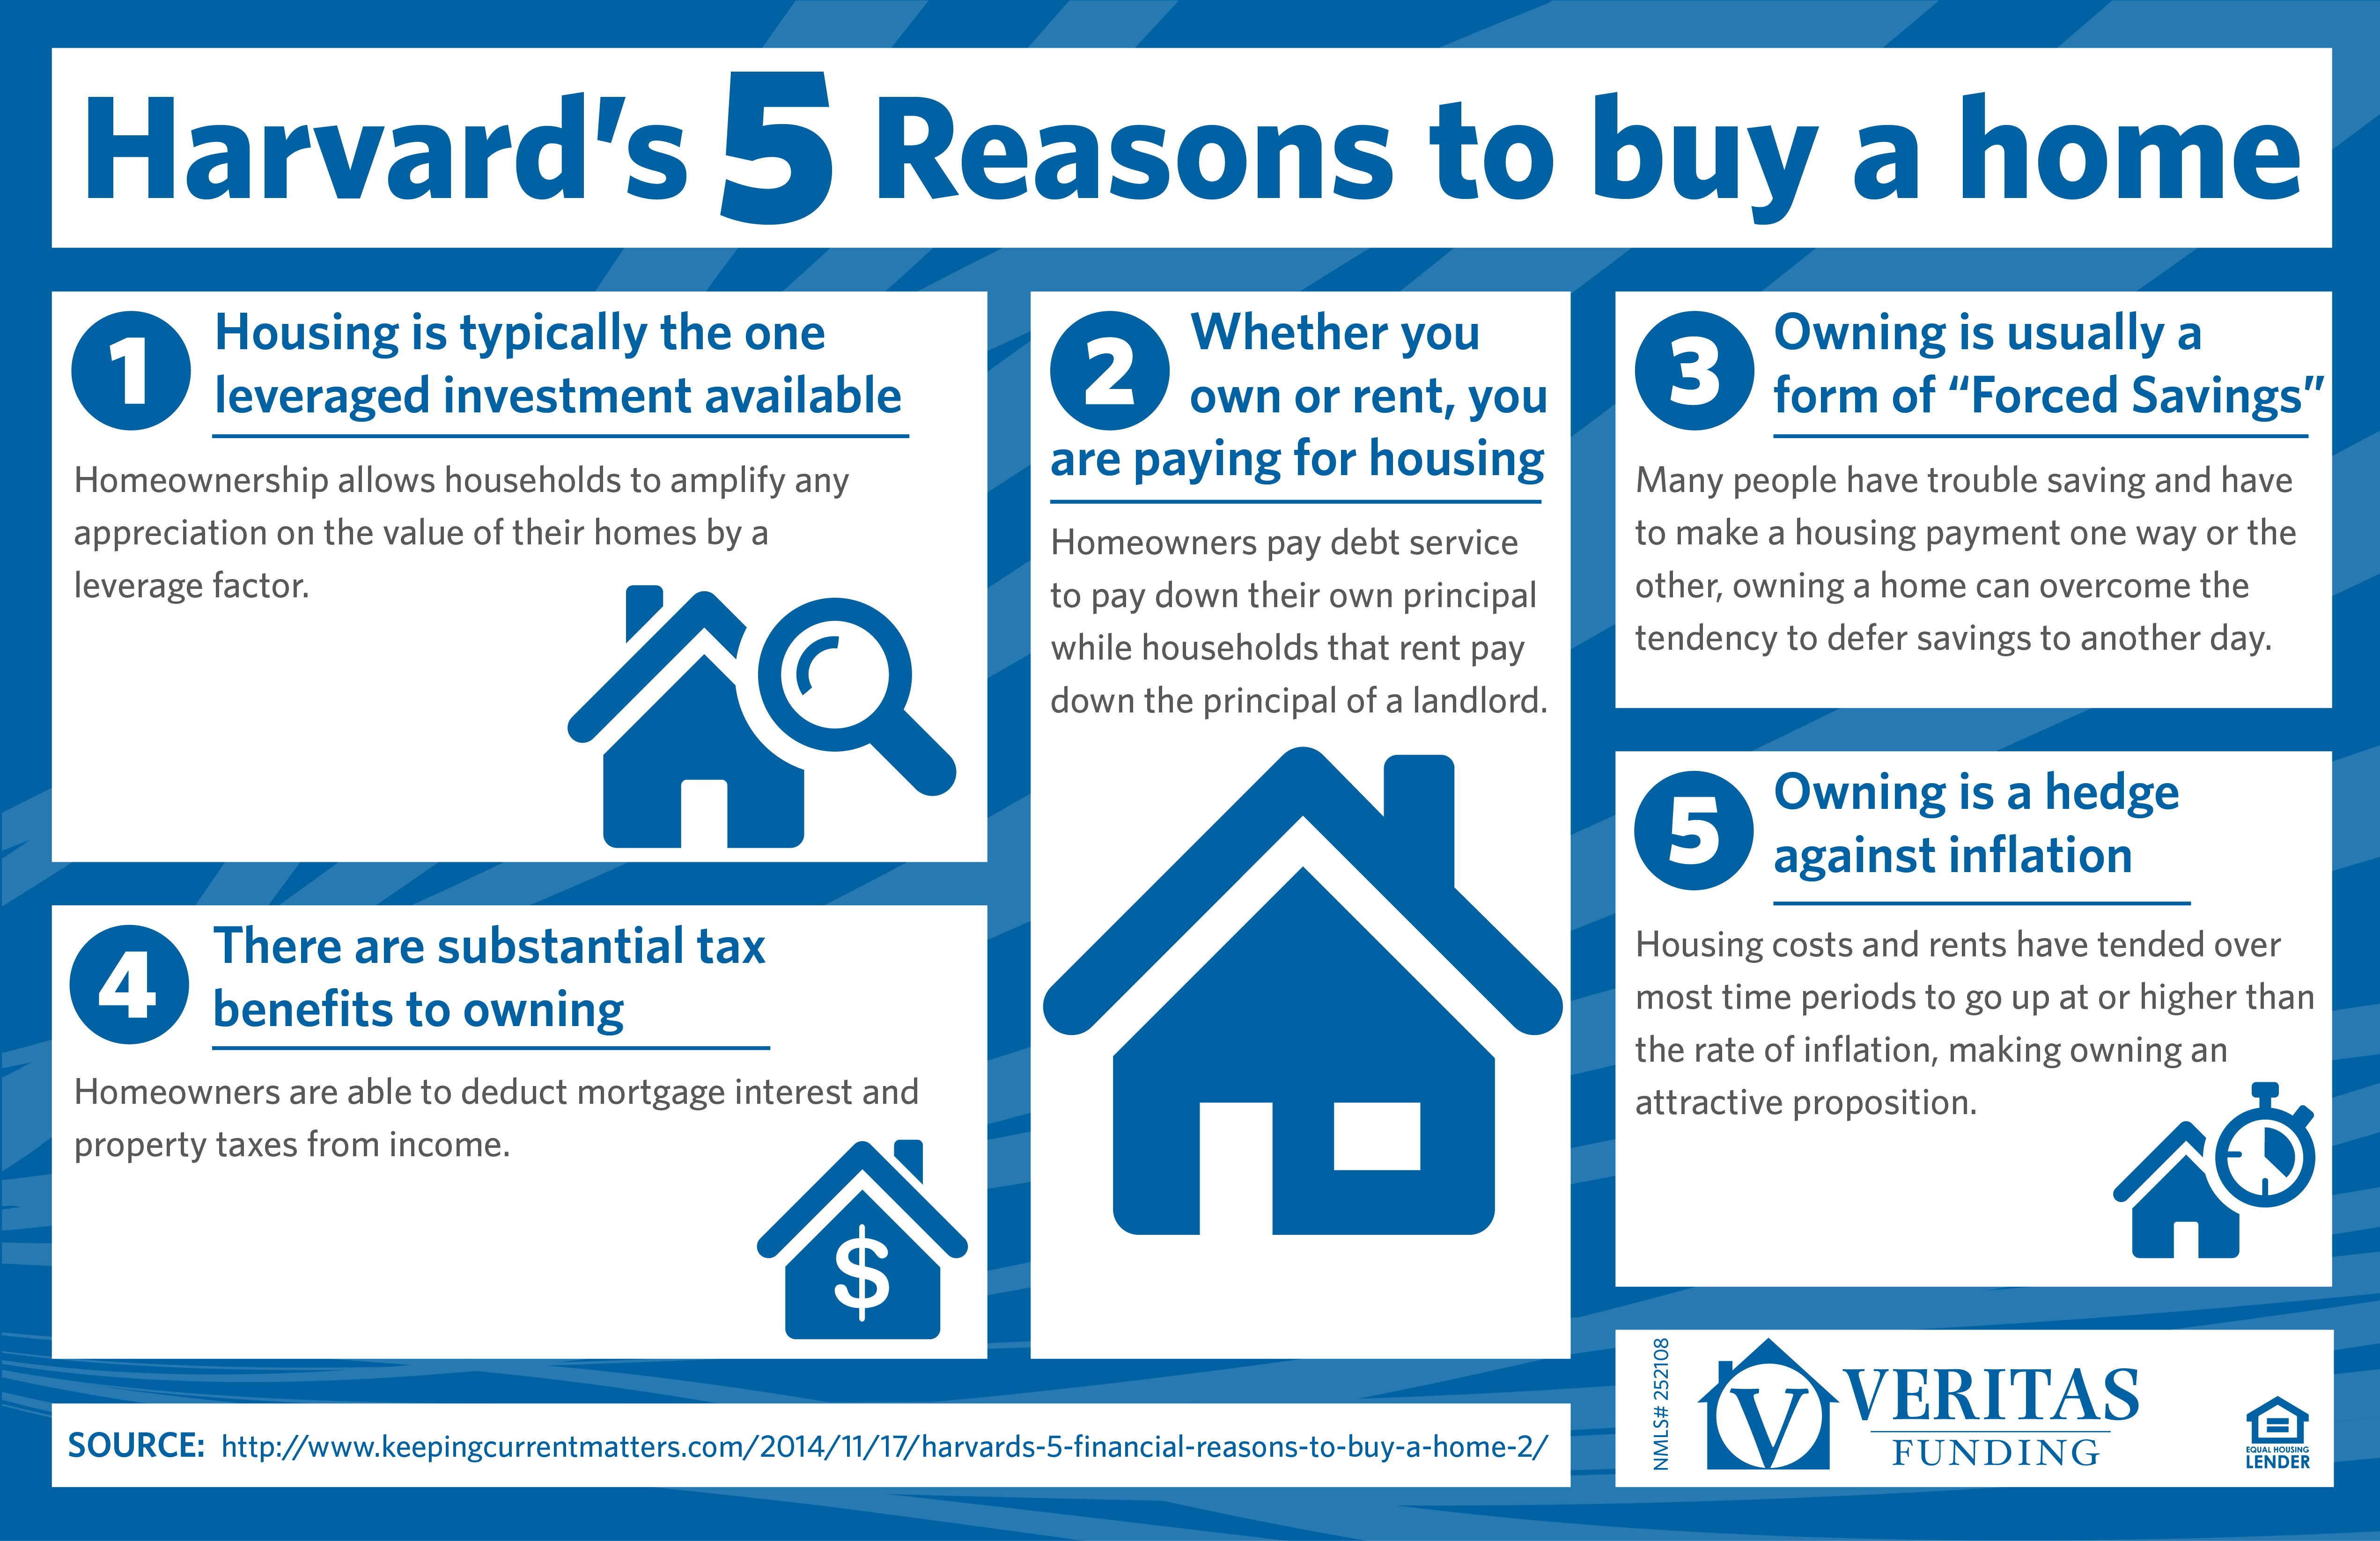 5ReasonstoBuy_infographic_vfund_mortgage